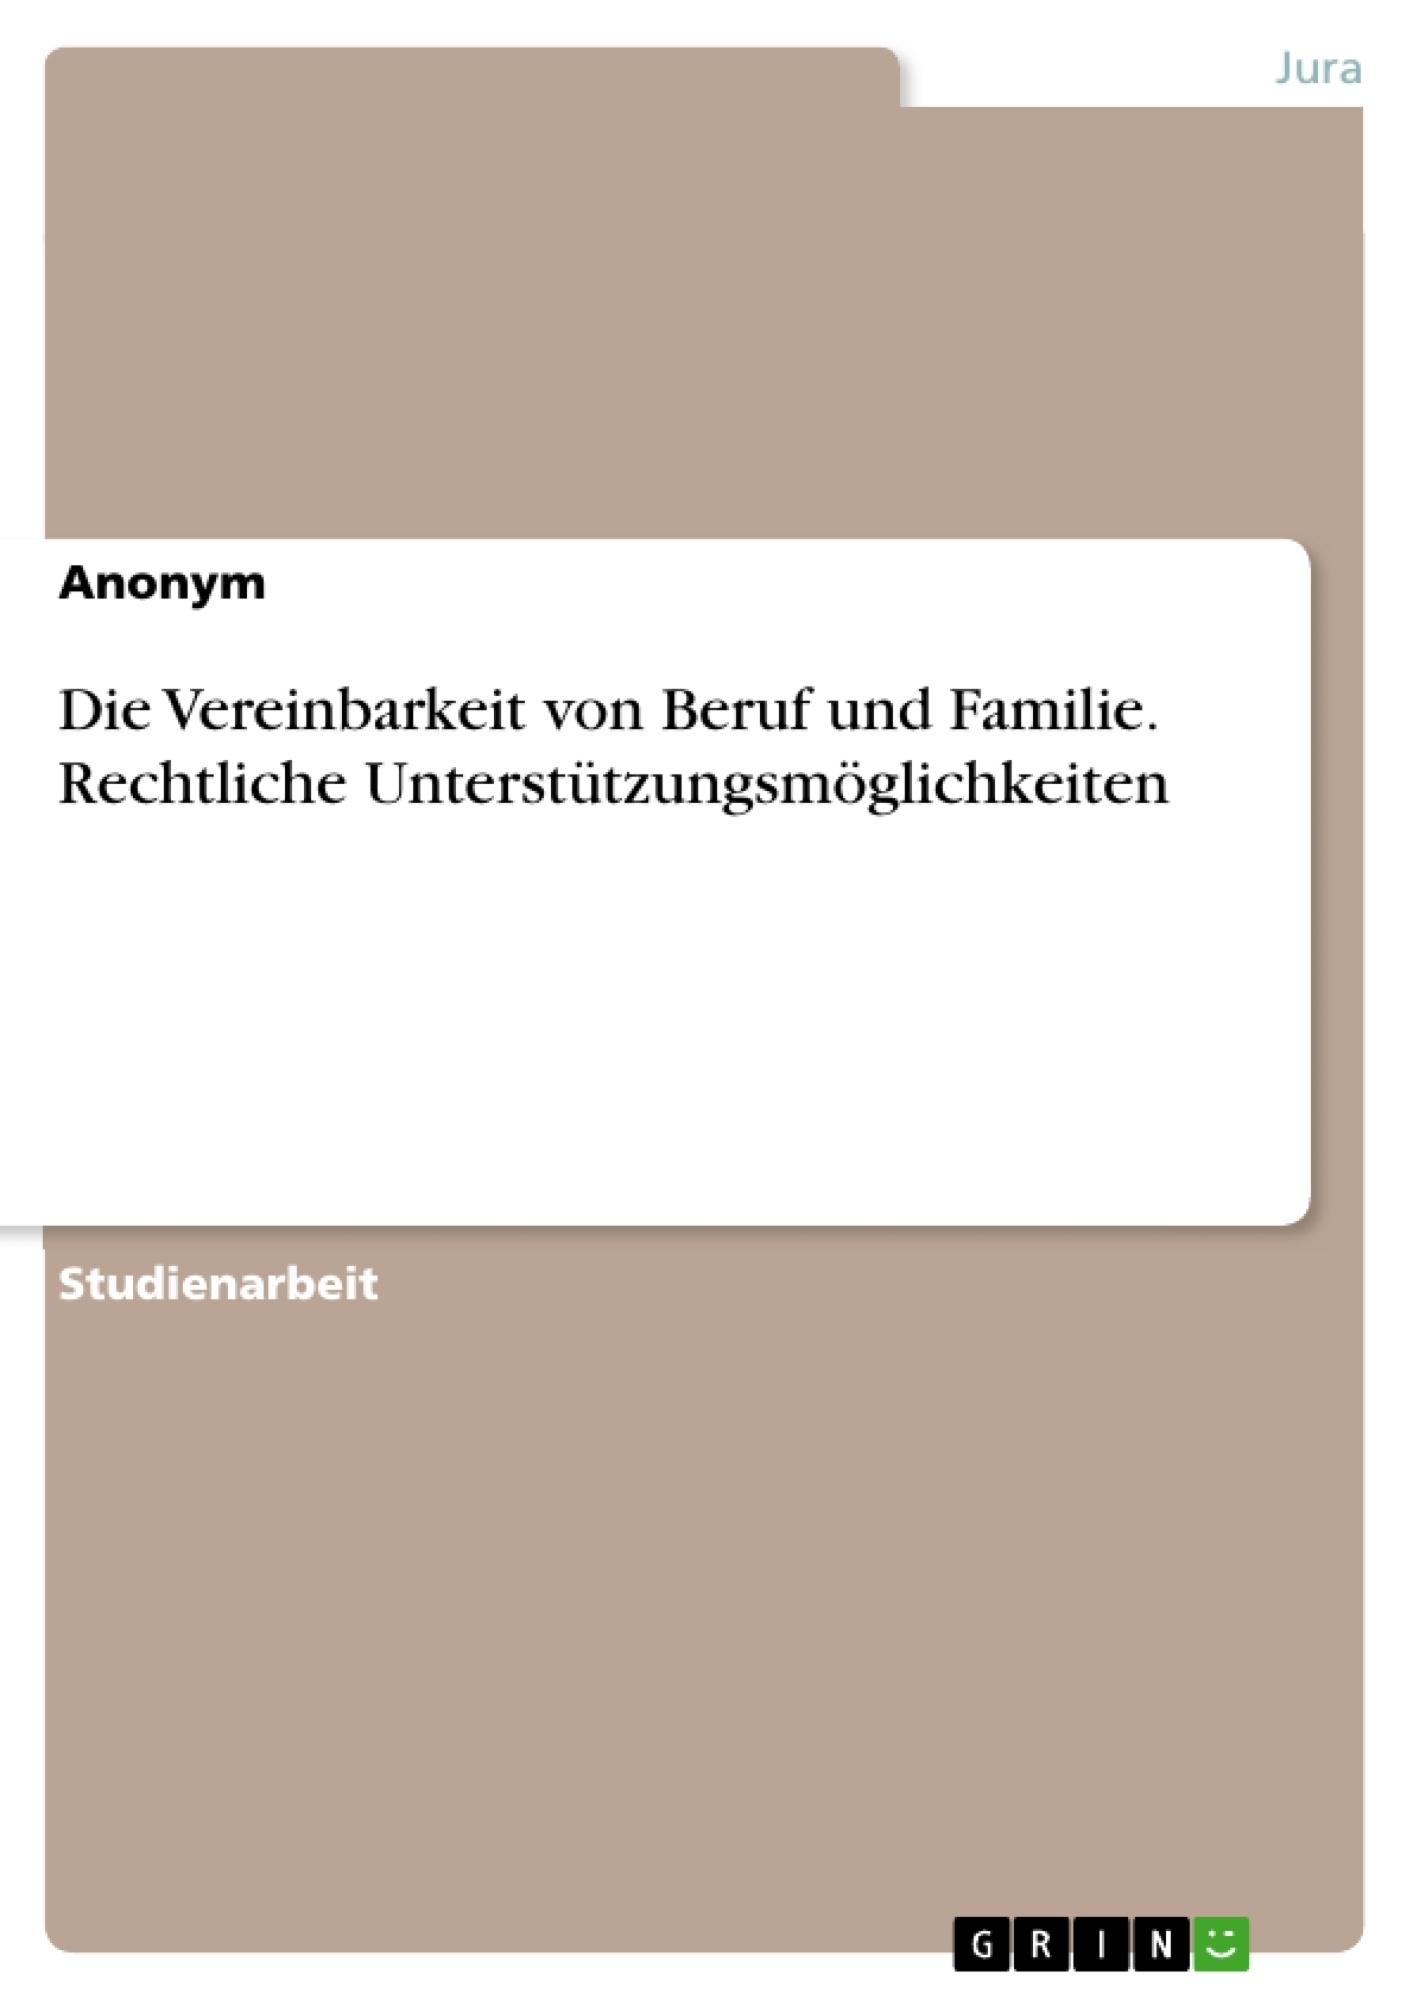 Titel: Die Vereinbarkeit von Beruf und Familie. Rechtliche Unterstützungsmöglichkeiten